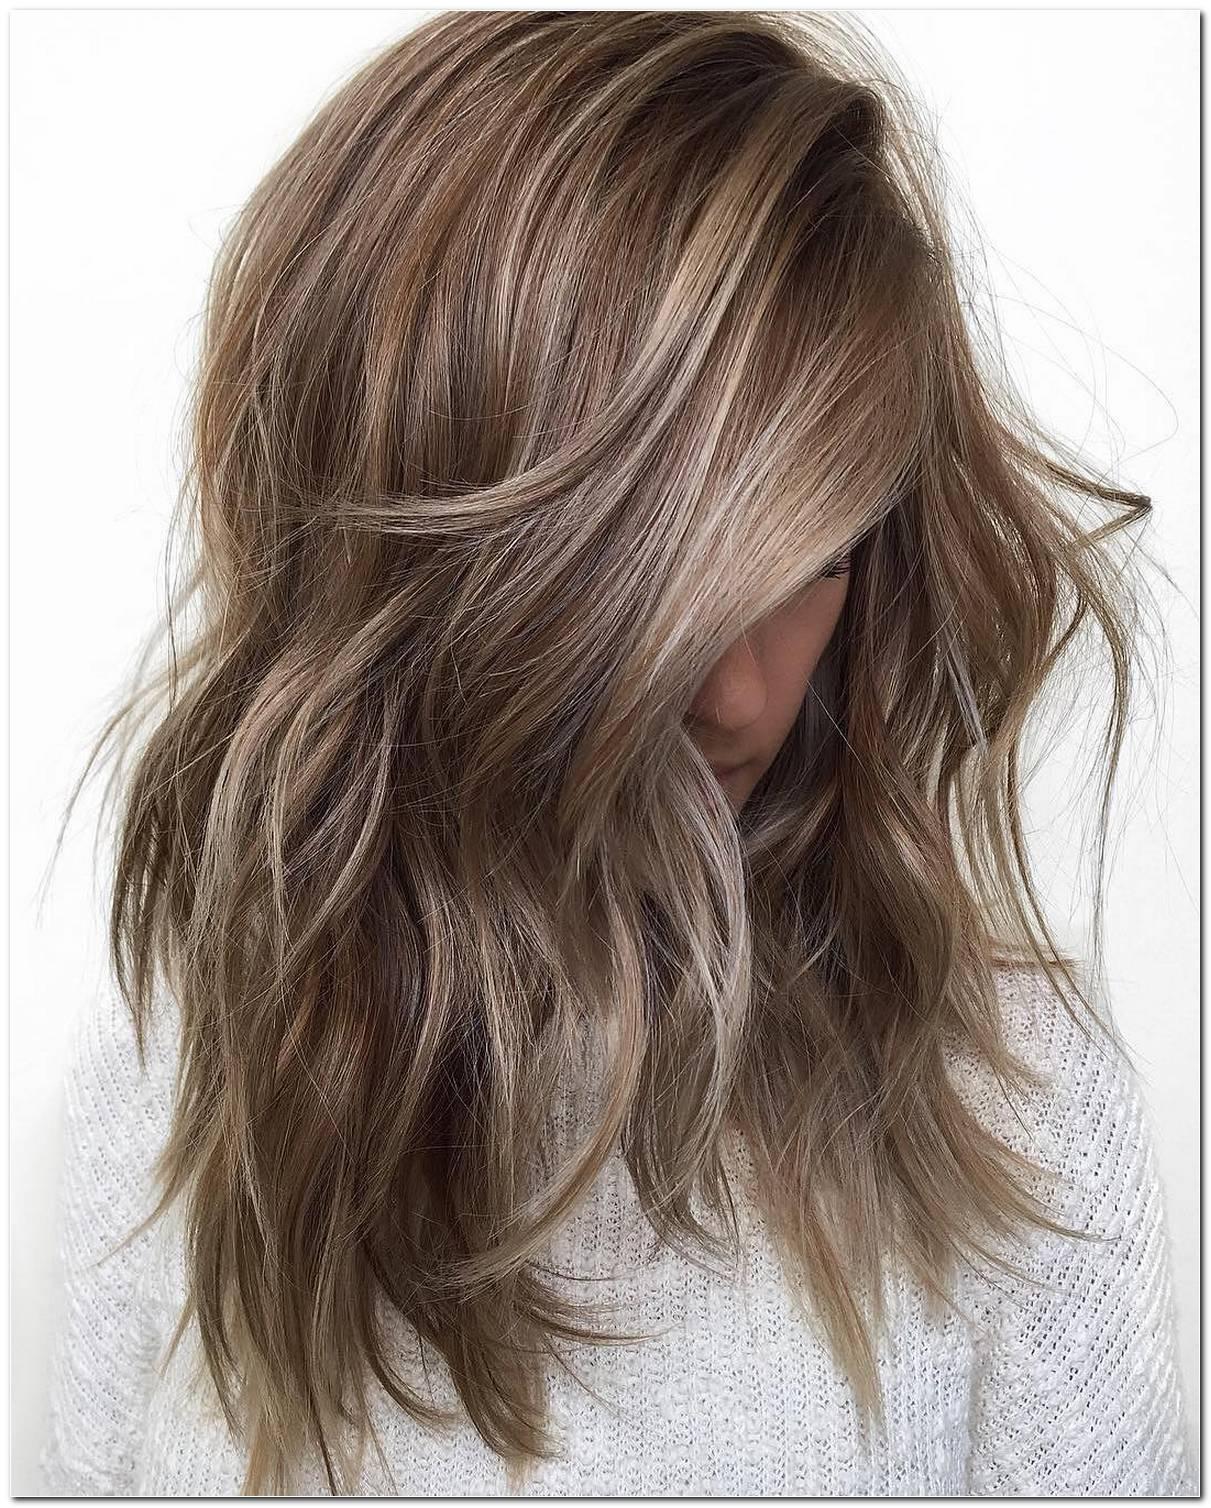 Frisuren Mit Schulterlangen Haaren